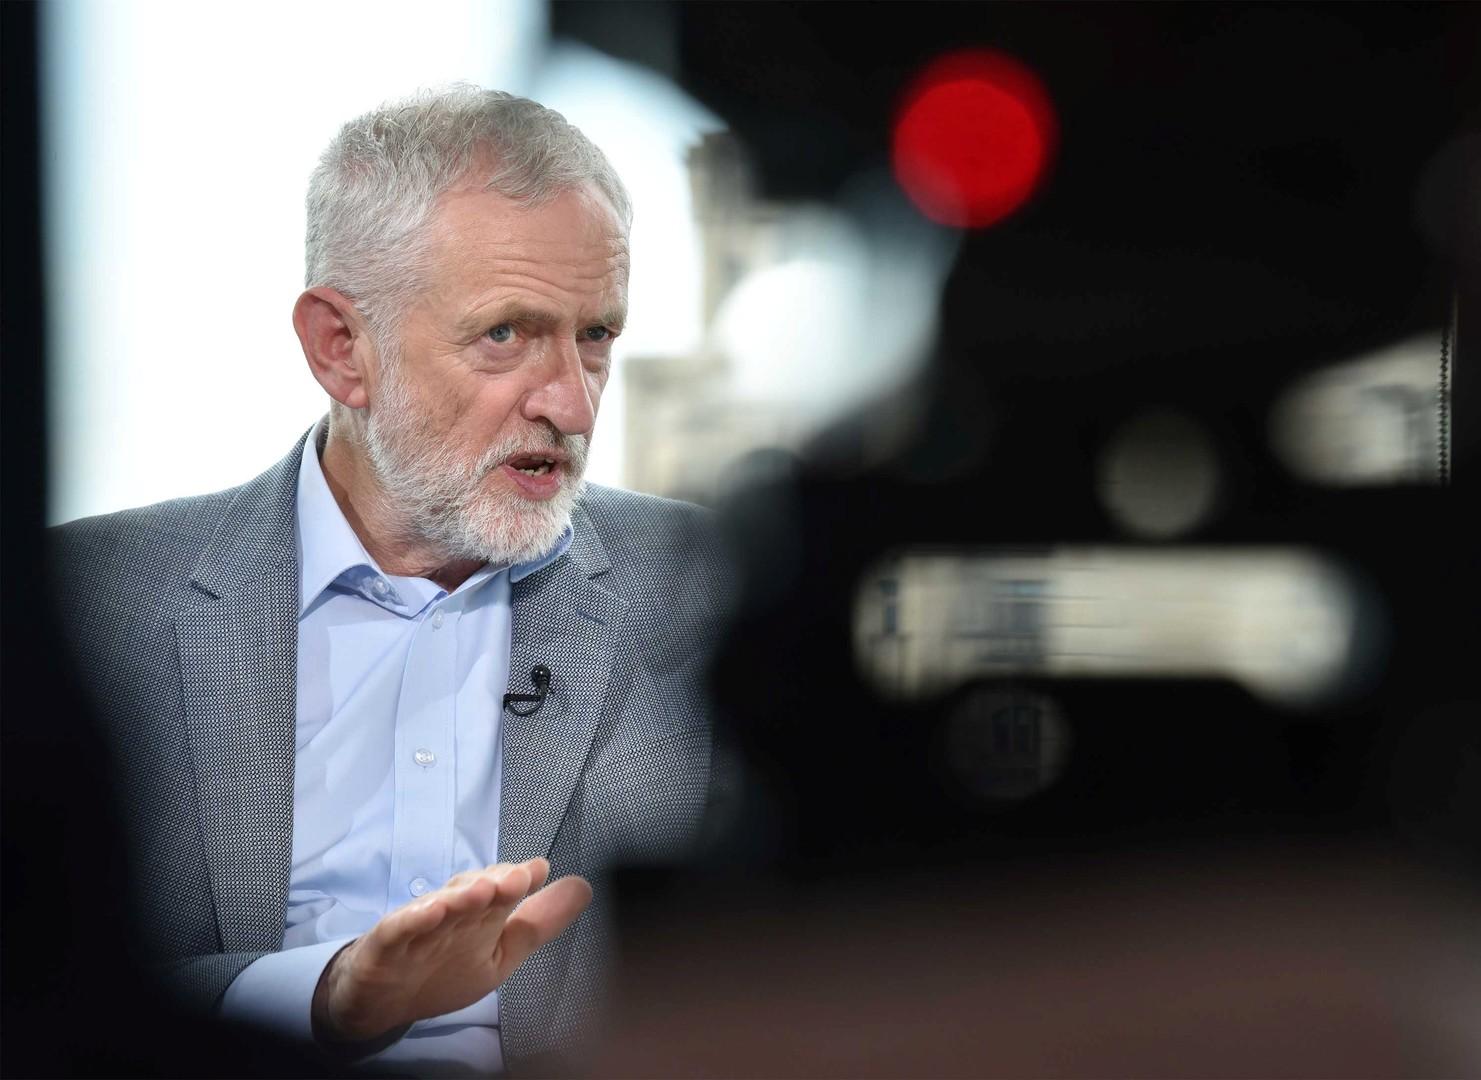 كوربين وحزبه يسعيان لمنع جونسون من مغادرة الاتحاد بلا اتفاق